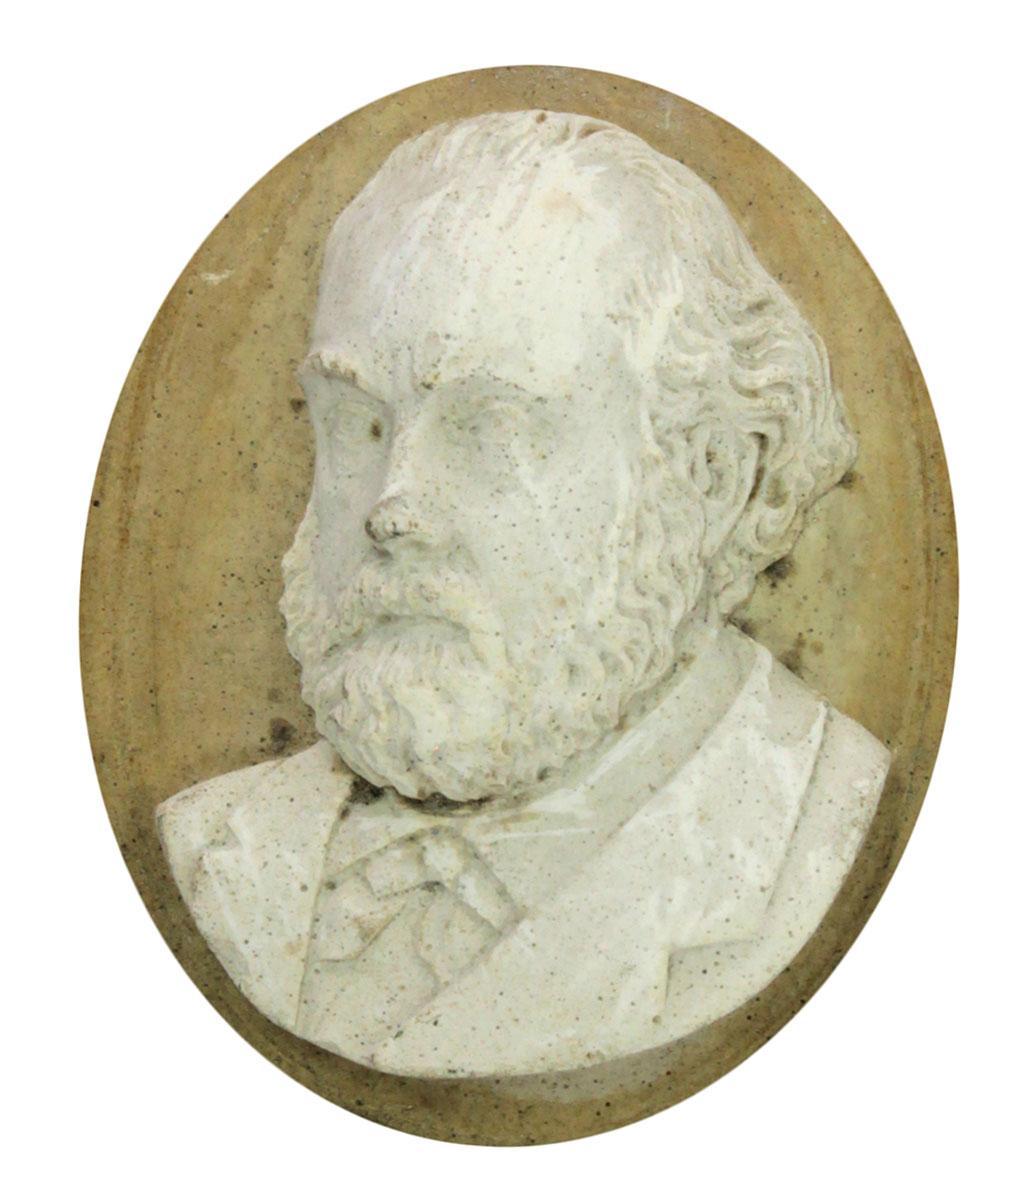 Le portrait présente Godin en buste de trois-quarts.